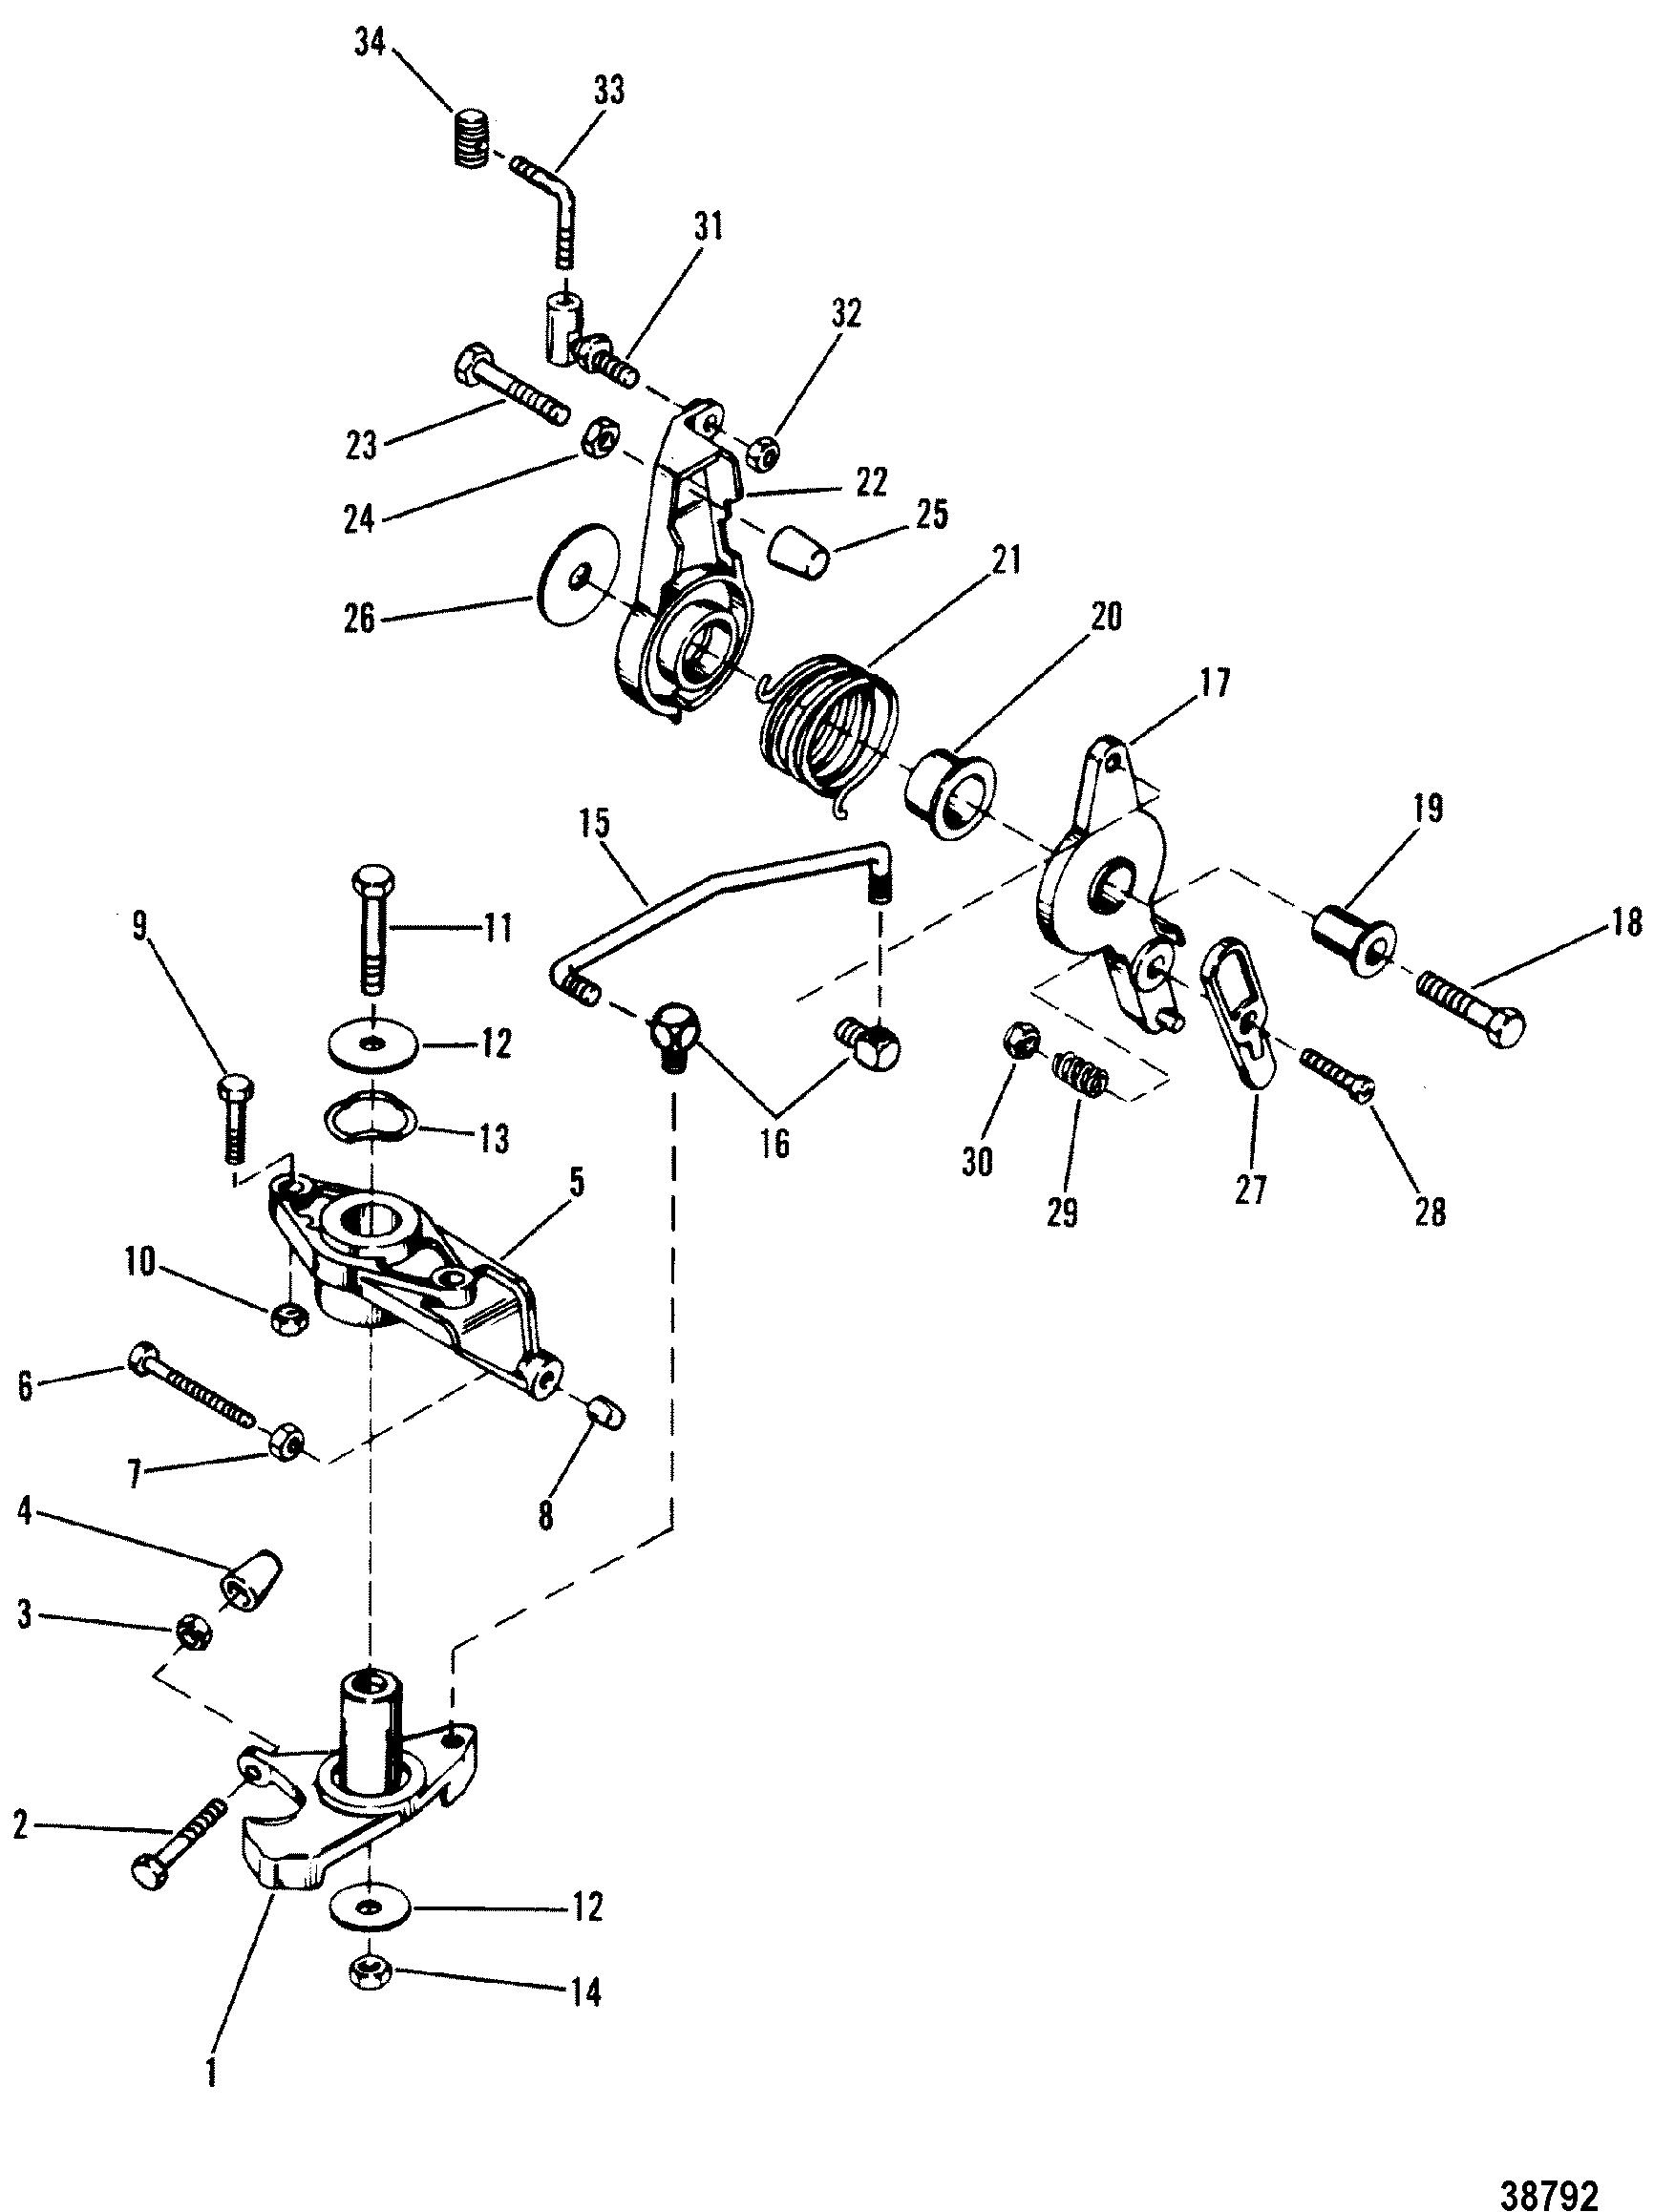 Harley Davidson Vacuum Diagram : Harley evo engine vacuum diagram davidson evolution